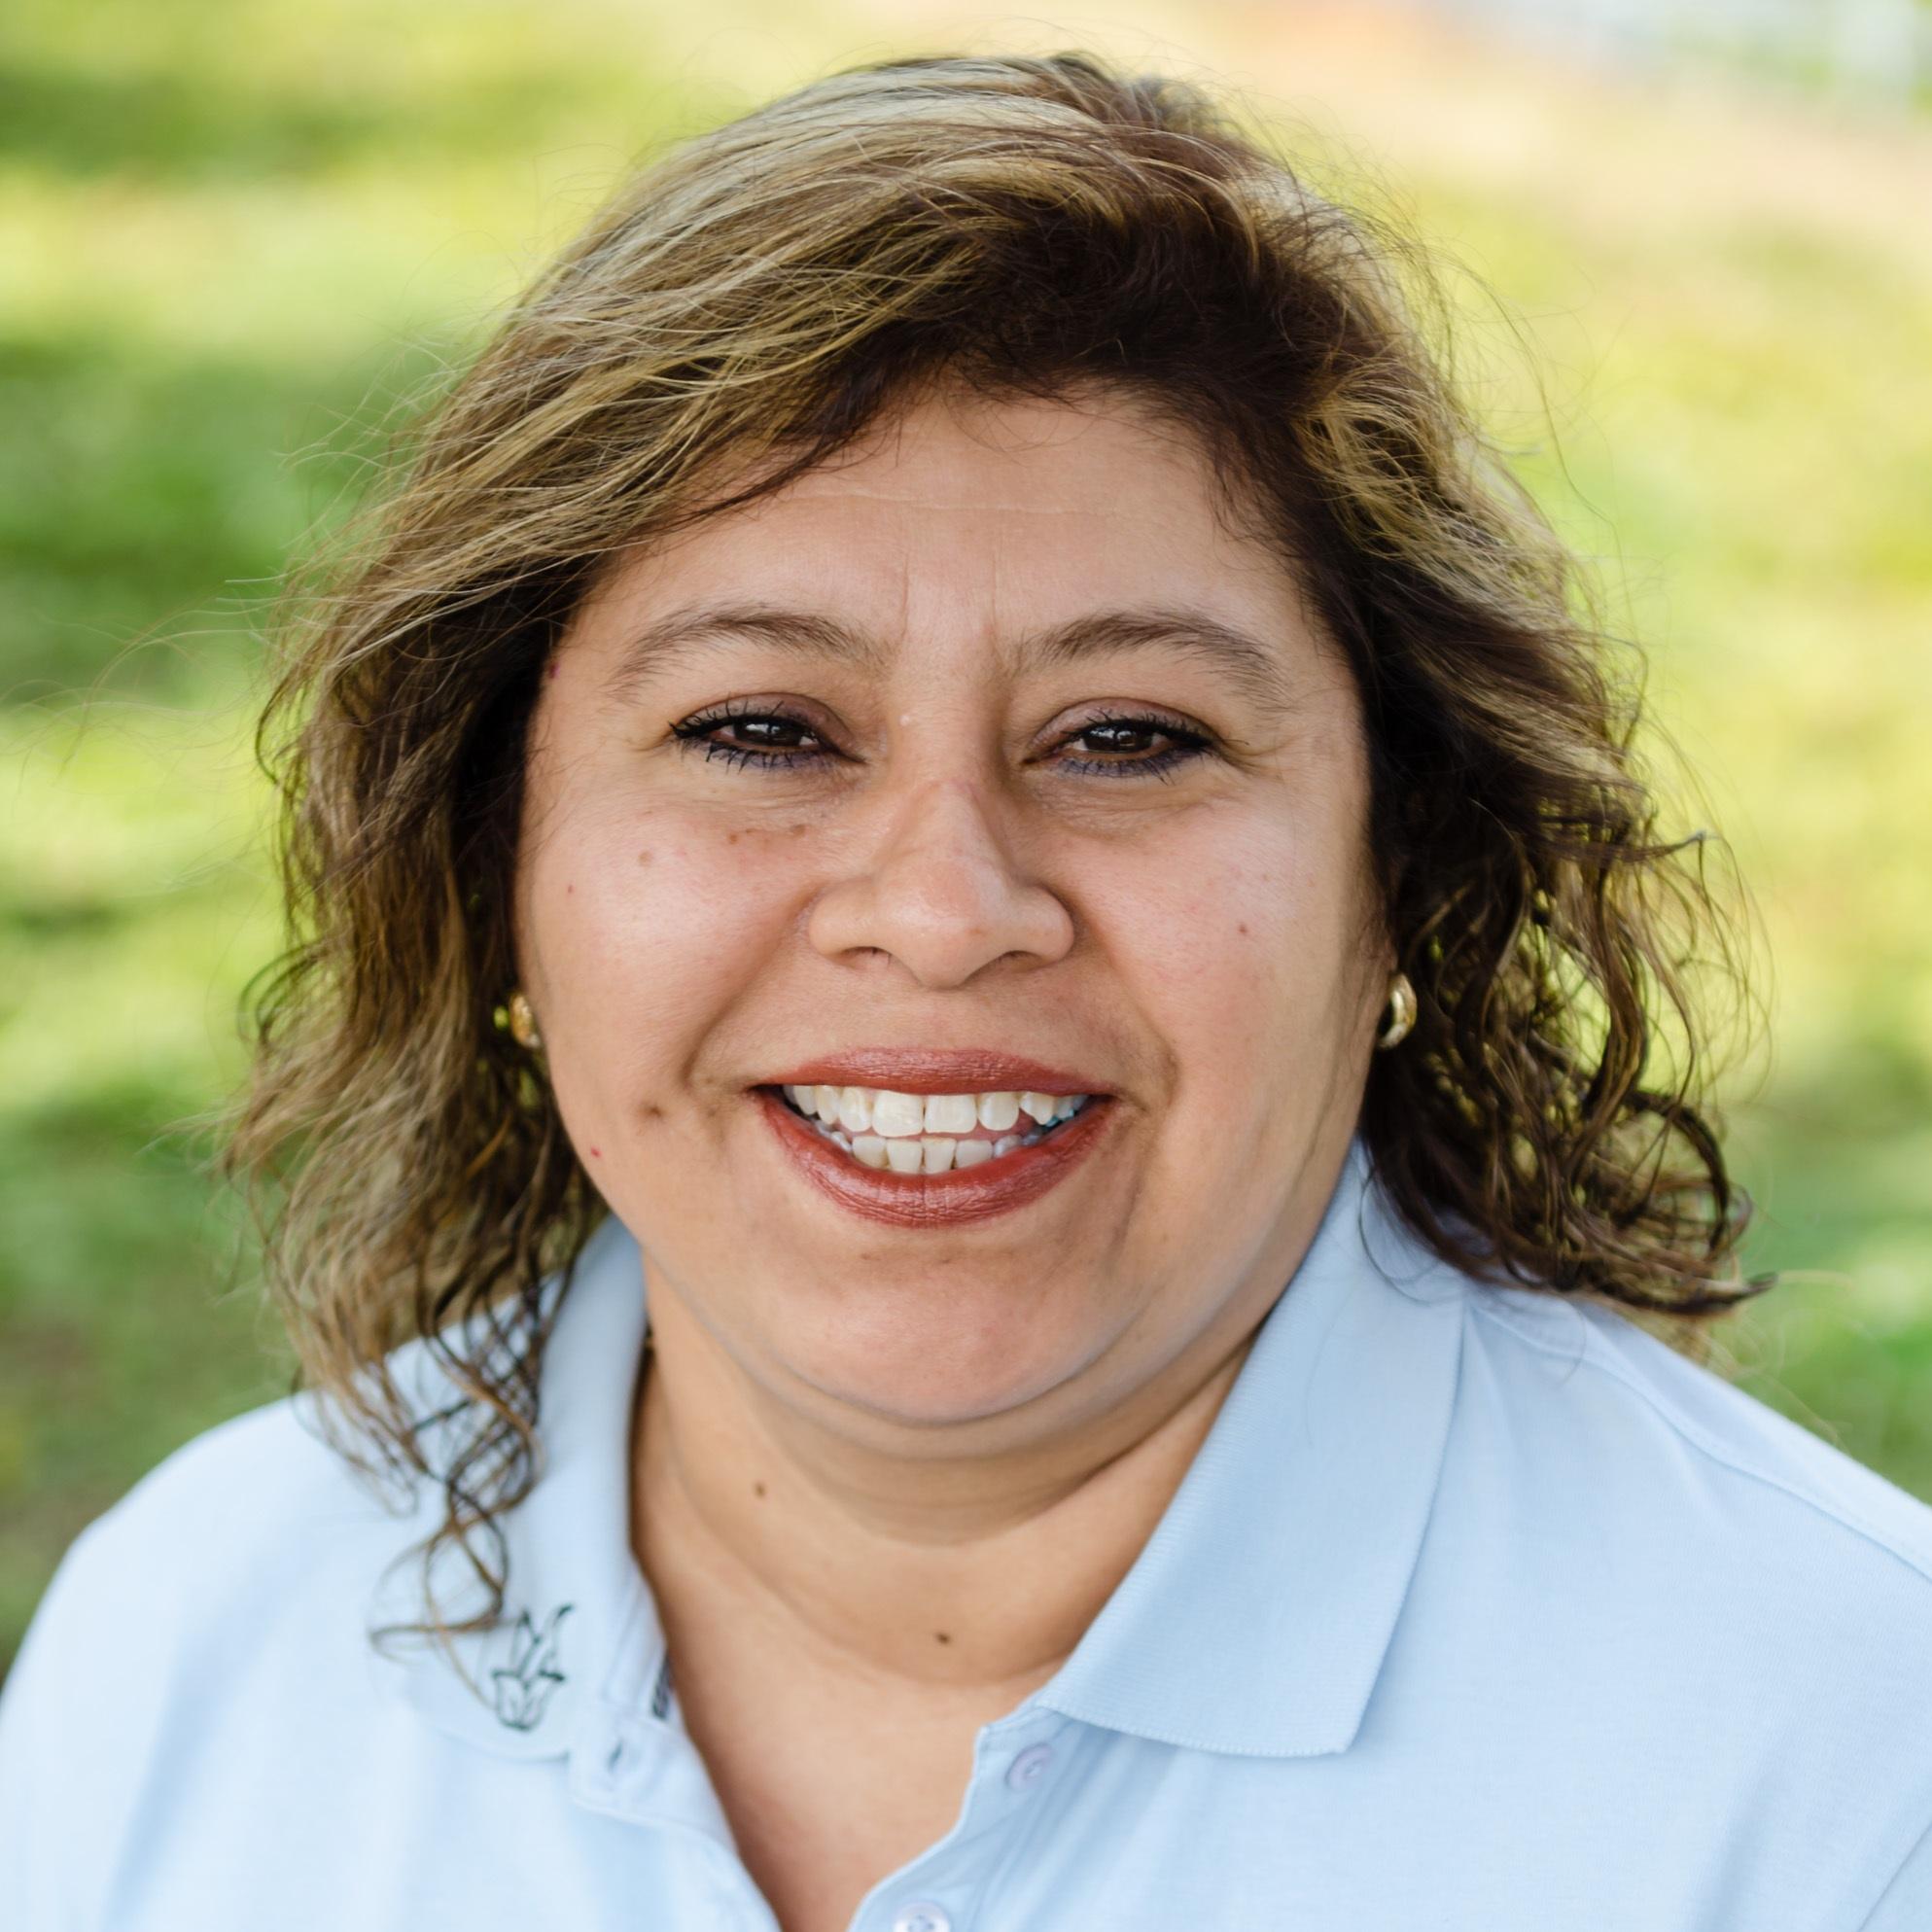 MARIA FLORES  Payroll Administrator   maria.flores@christywebber.com